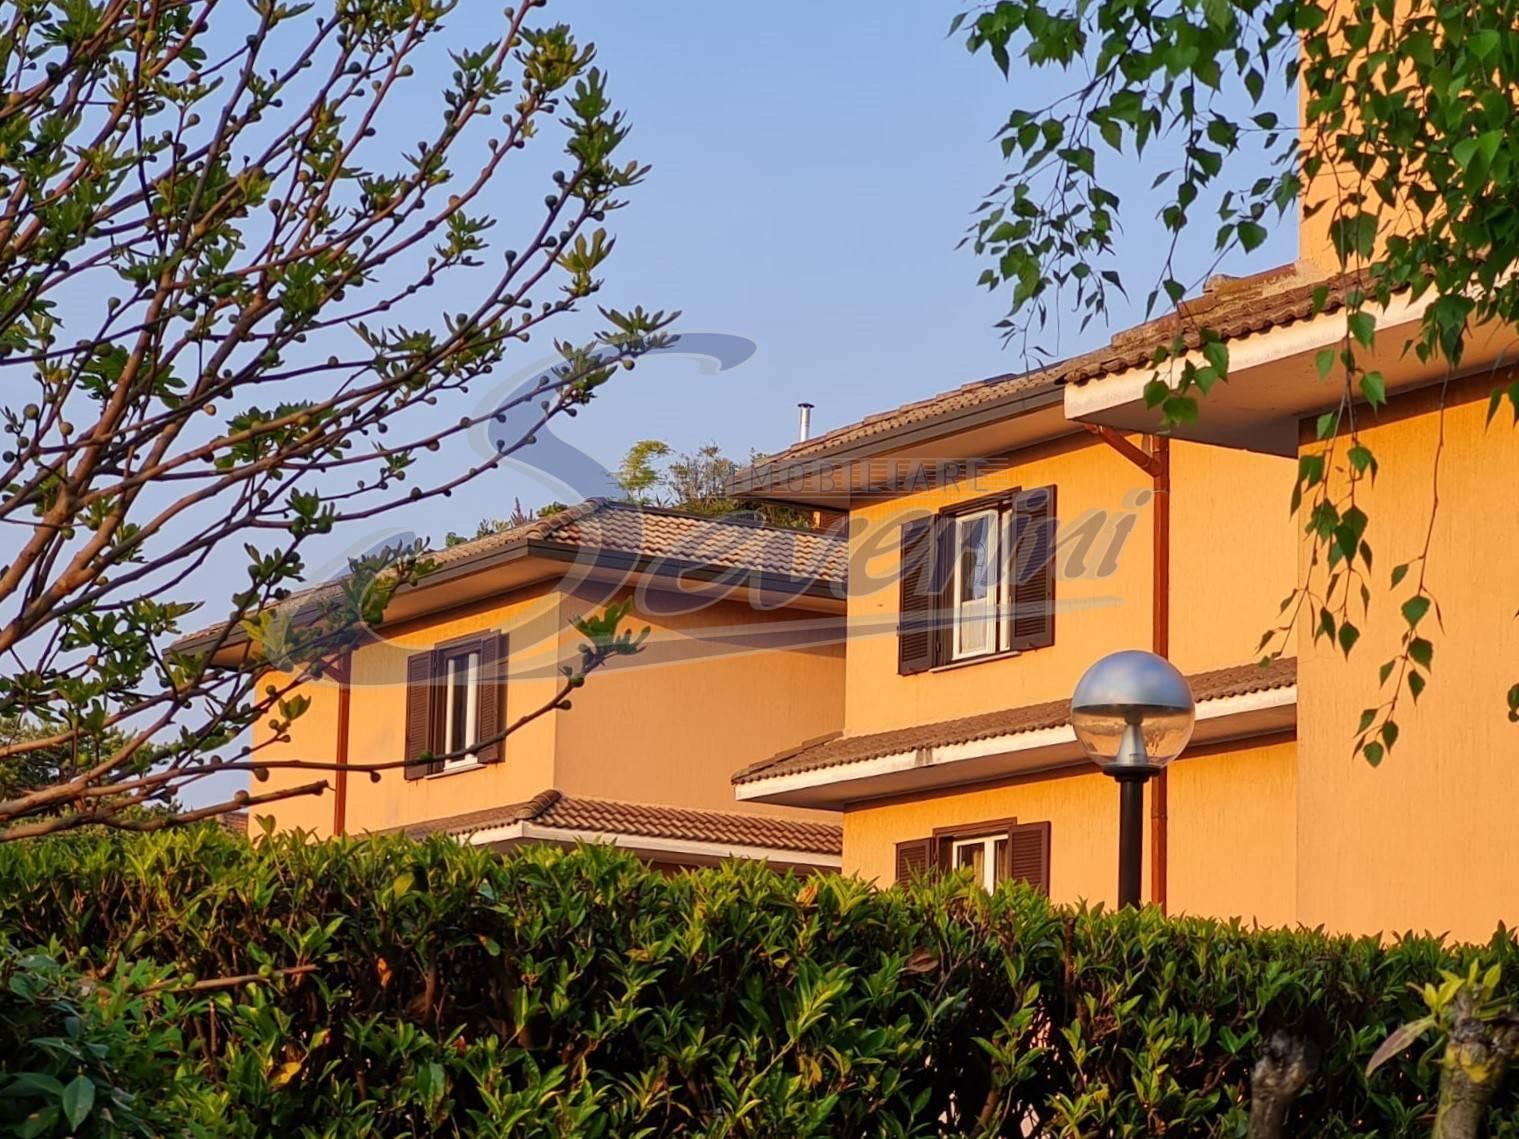 Appartamento in vendita a Lipomo, 3 locali, prezzo € 180.000 | PortaleAgenzieImmobiliari.it